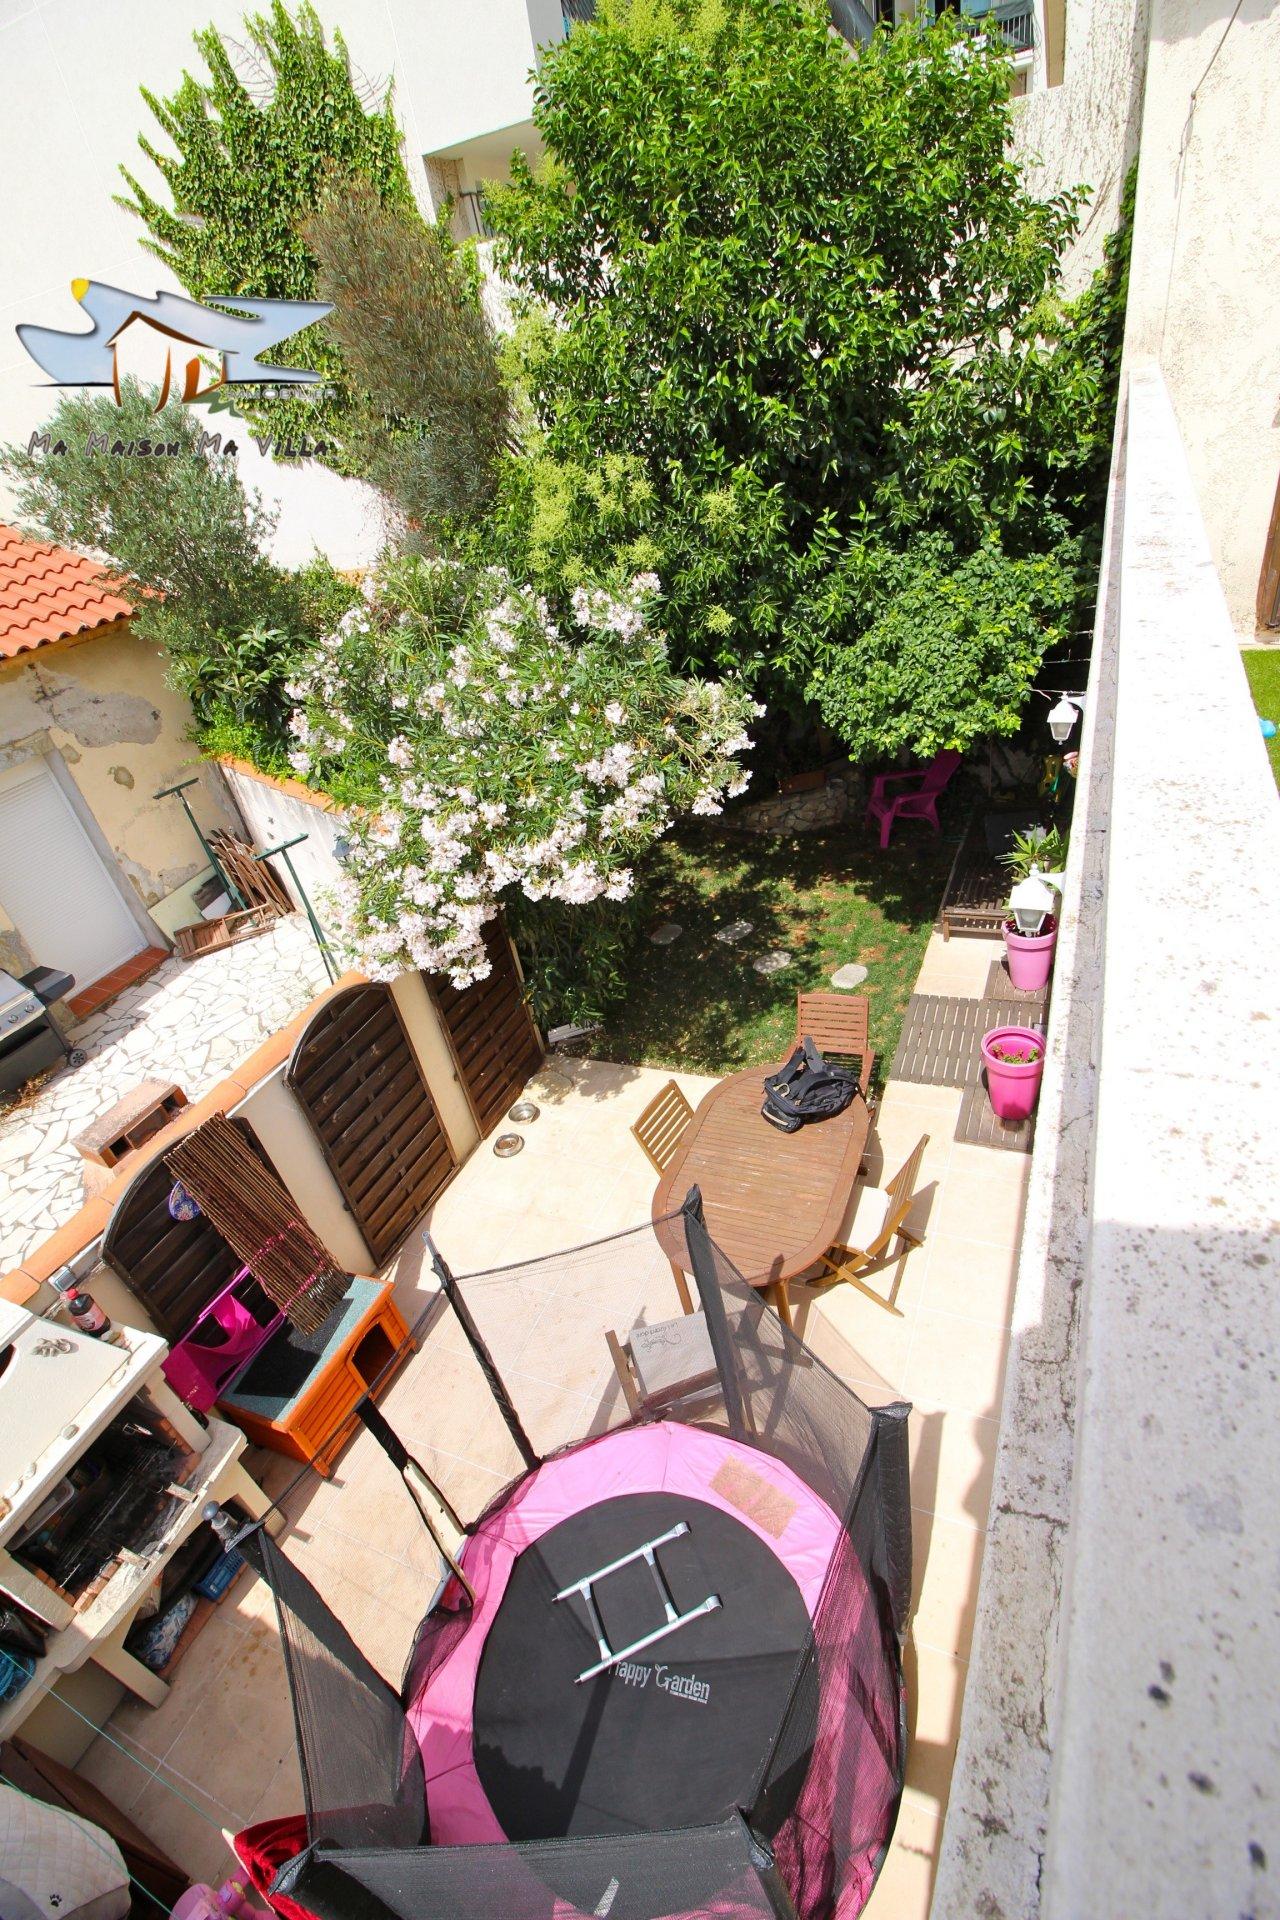 Maison de ville avec jardinet et terrasse